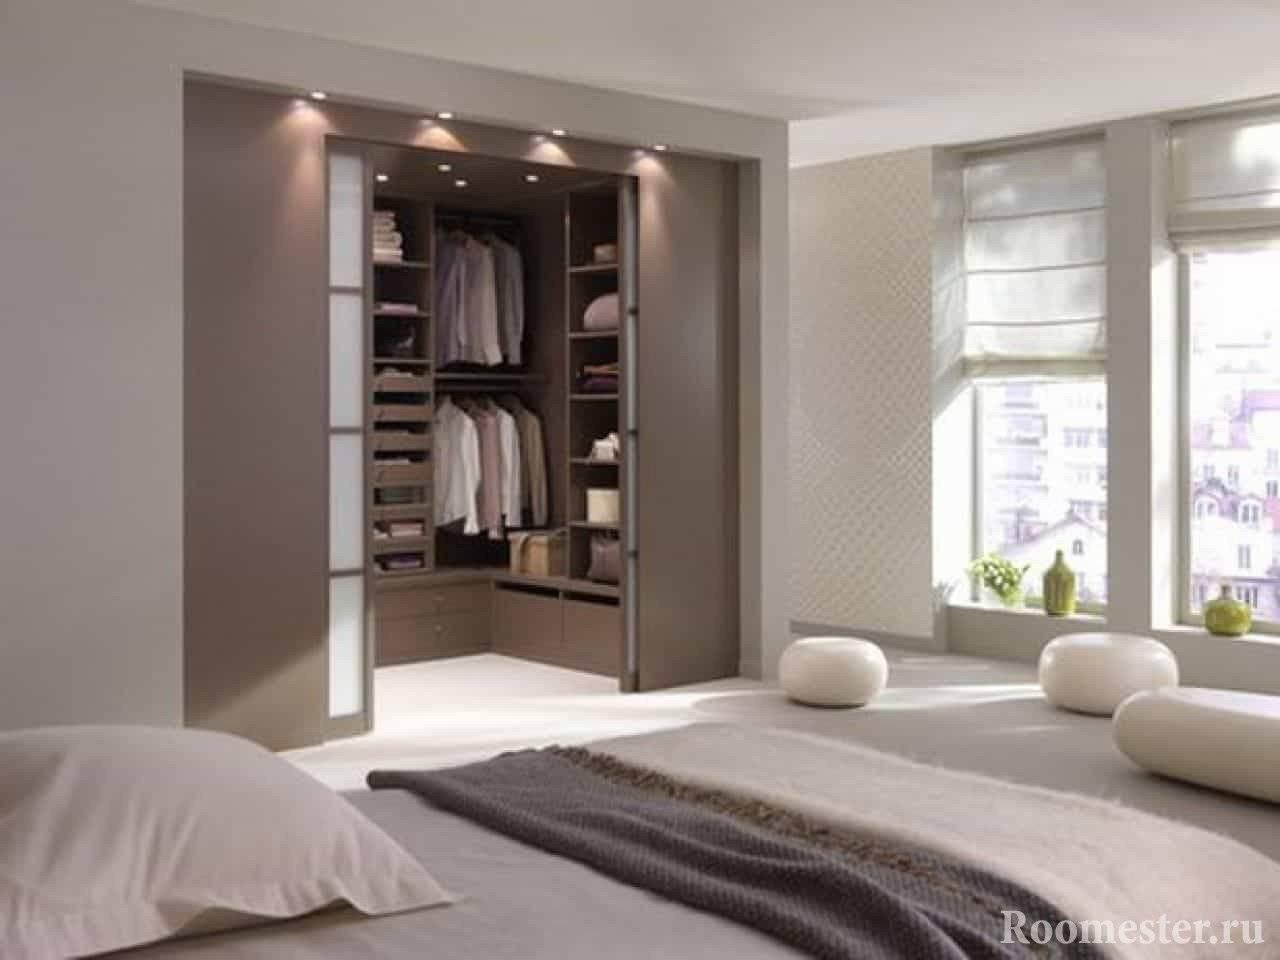 Дизайн гардеробной комнаты: 100 лучших идей организации на фото